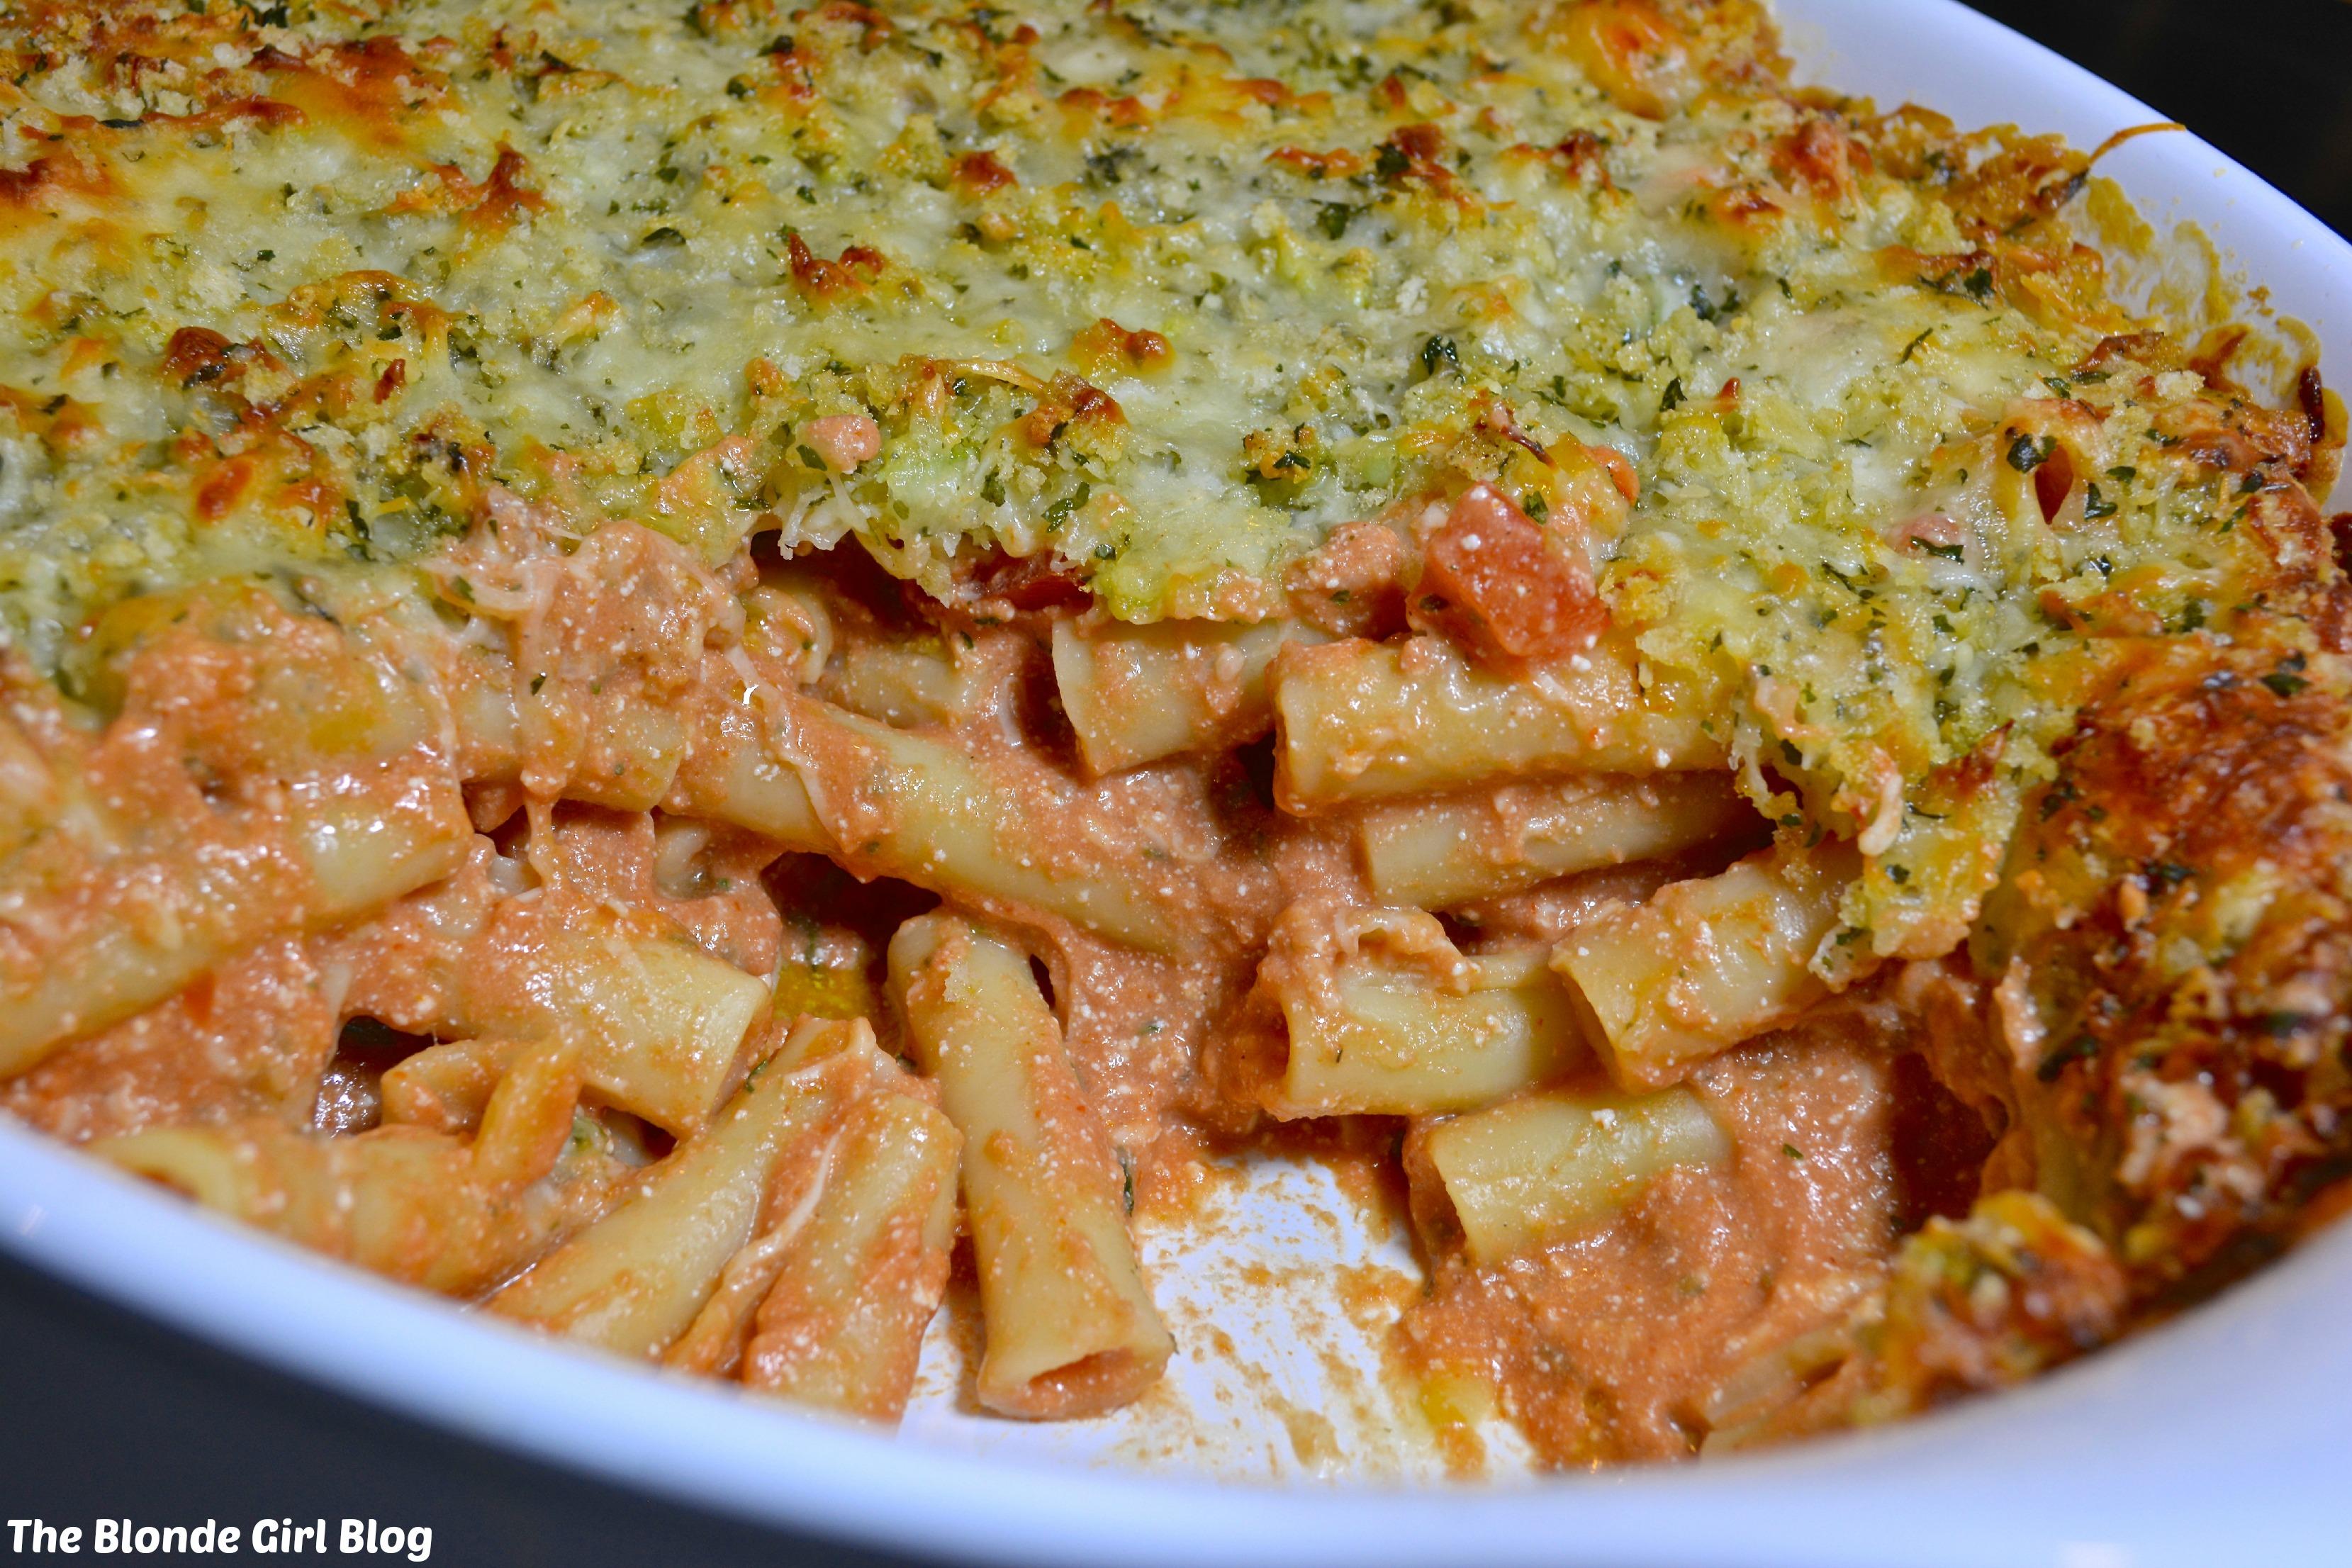 Homemade Baked 5-Cheese Ziti! | The Blonde Girl Blog